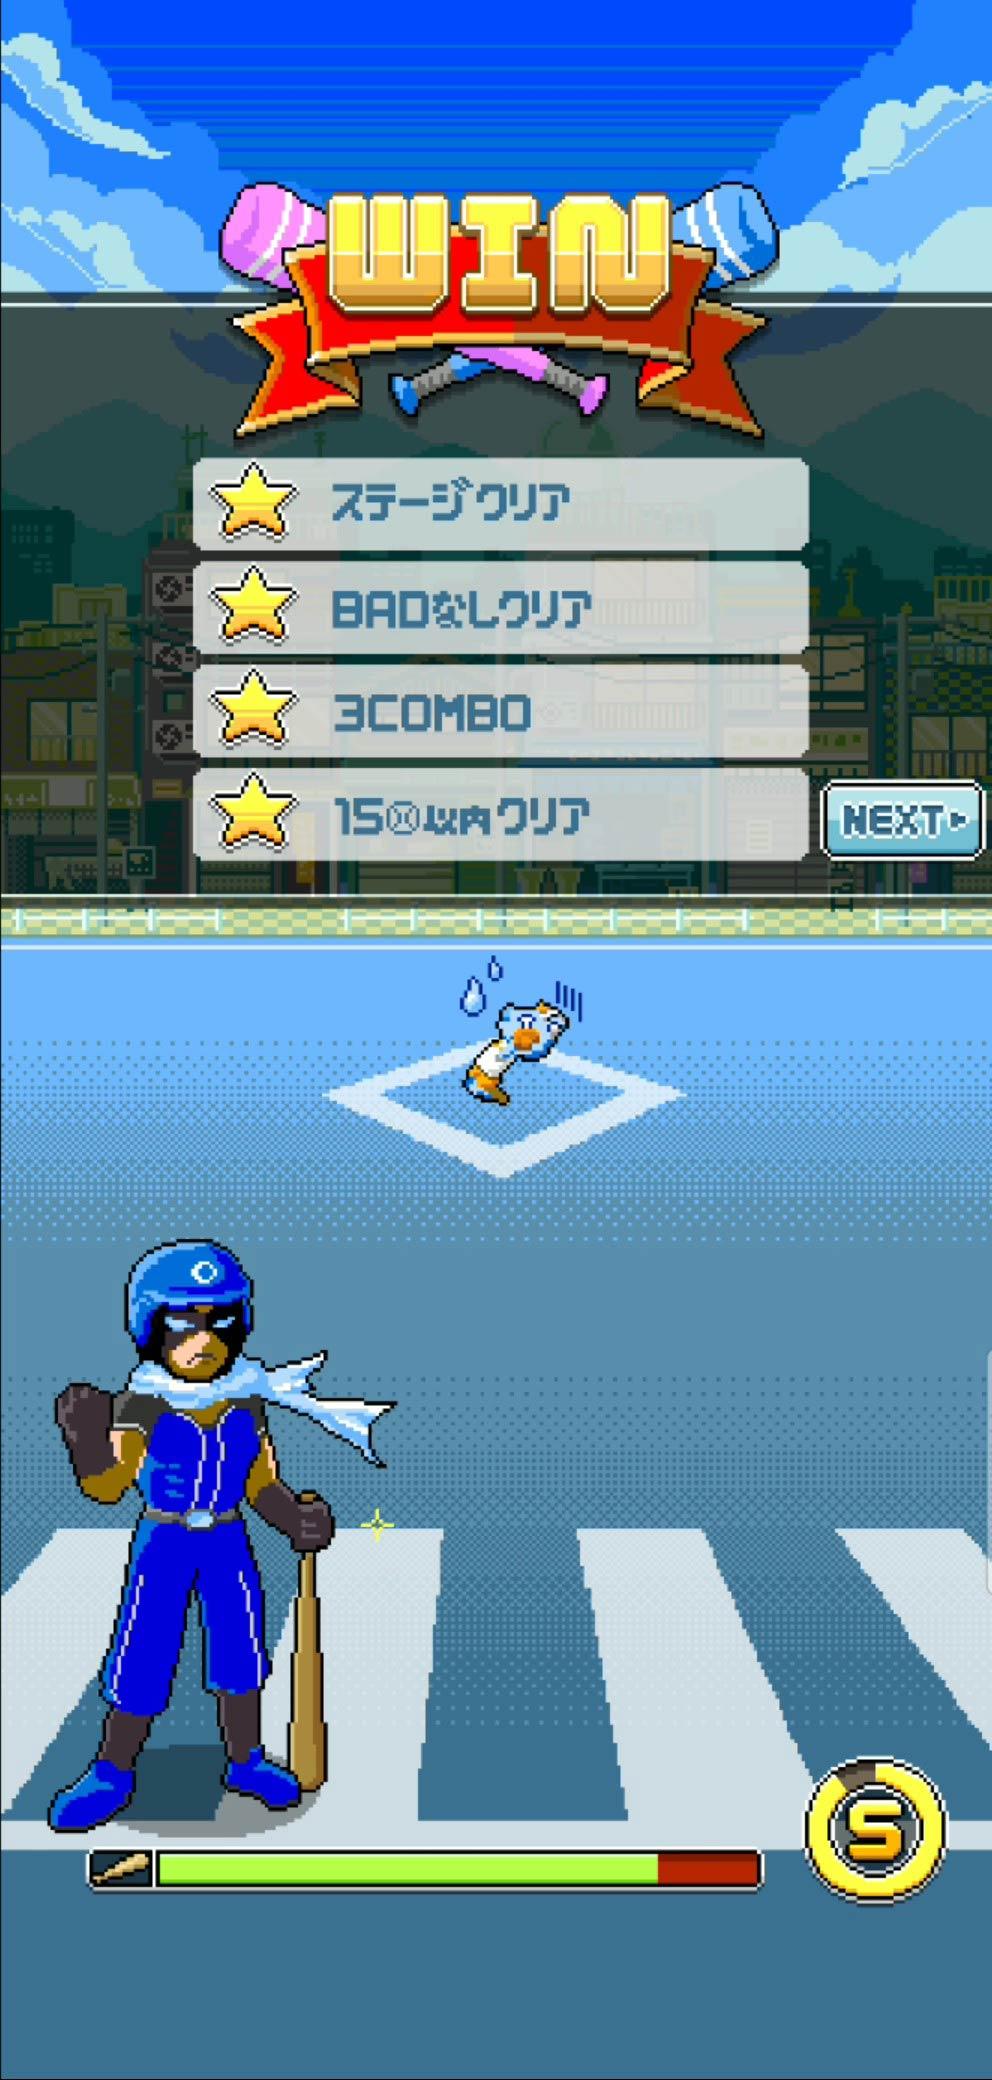 battingHero